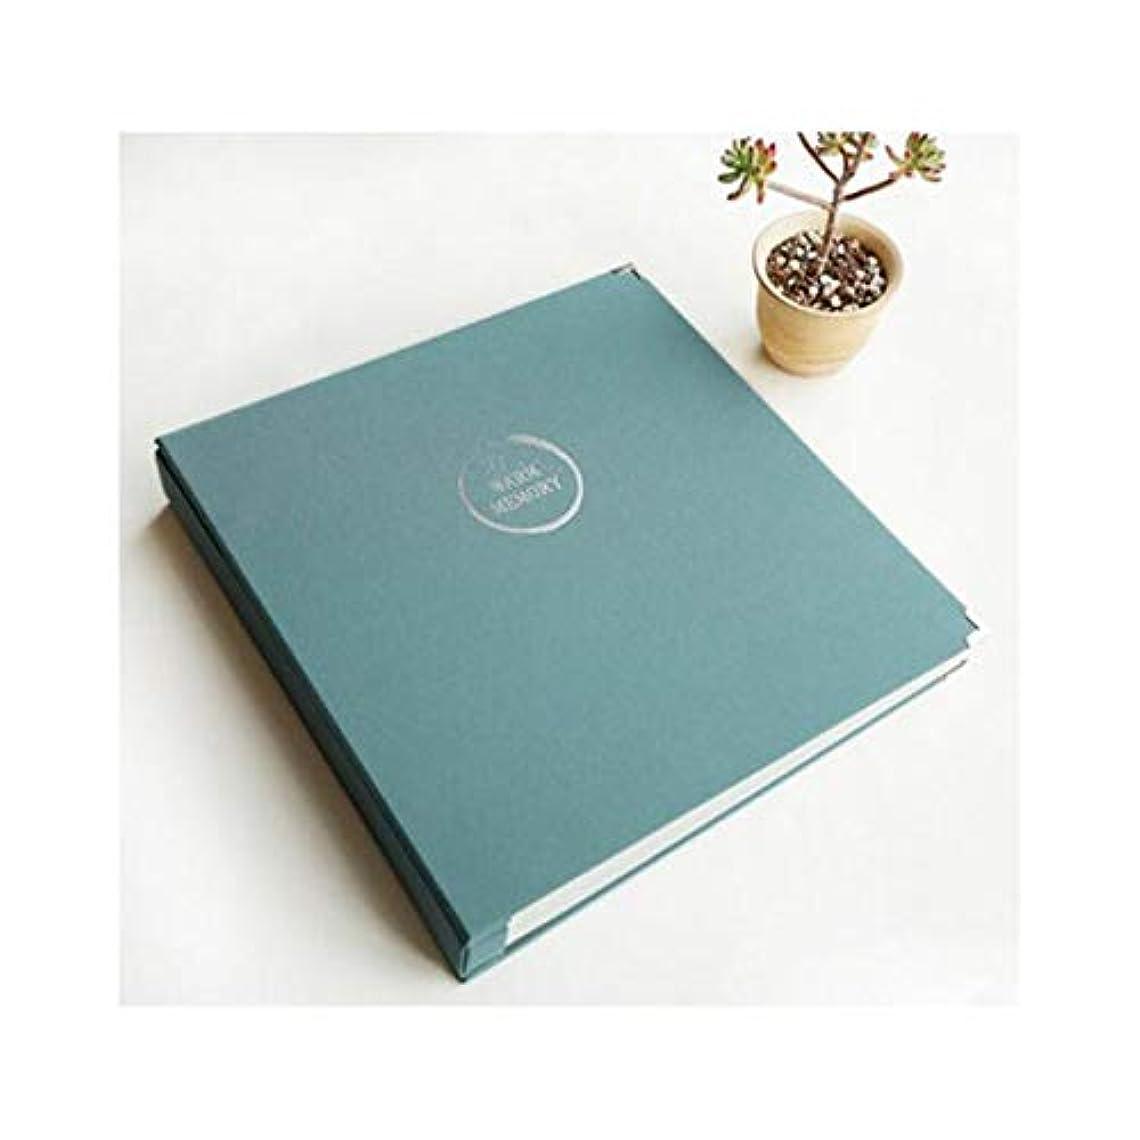 証明系統的採用RCDD 6インチ7インチ8インチ10インチ混合シンプル、新鮮、格子間の家族のフォトアルバム、アルバムの大、大容量の5インチ (Color : Light Blue)